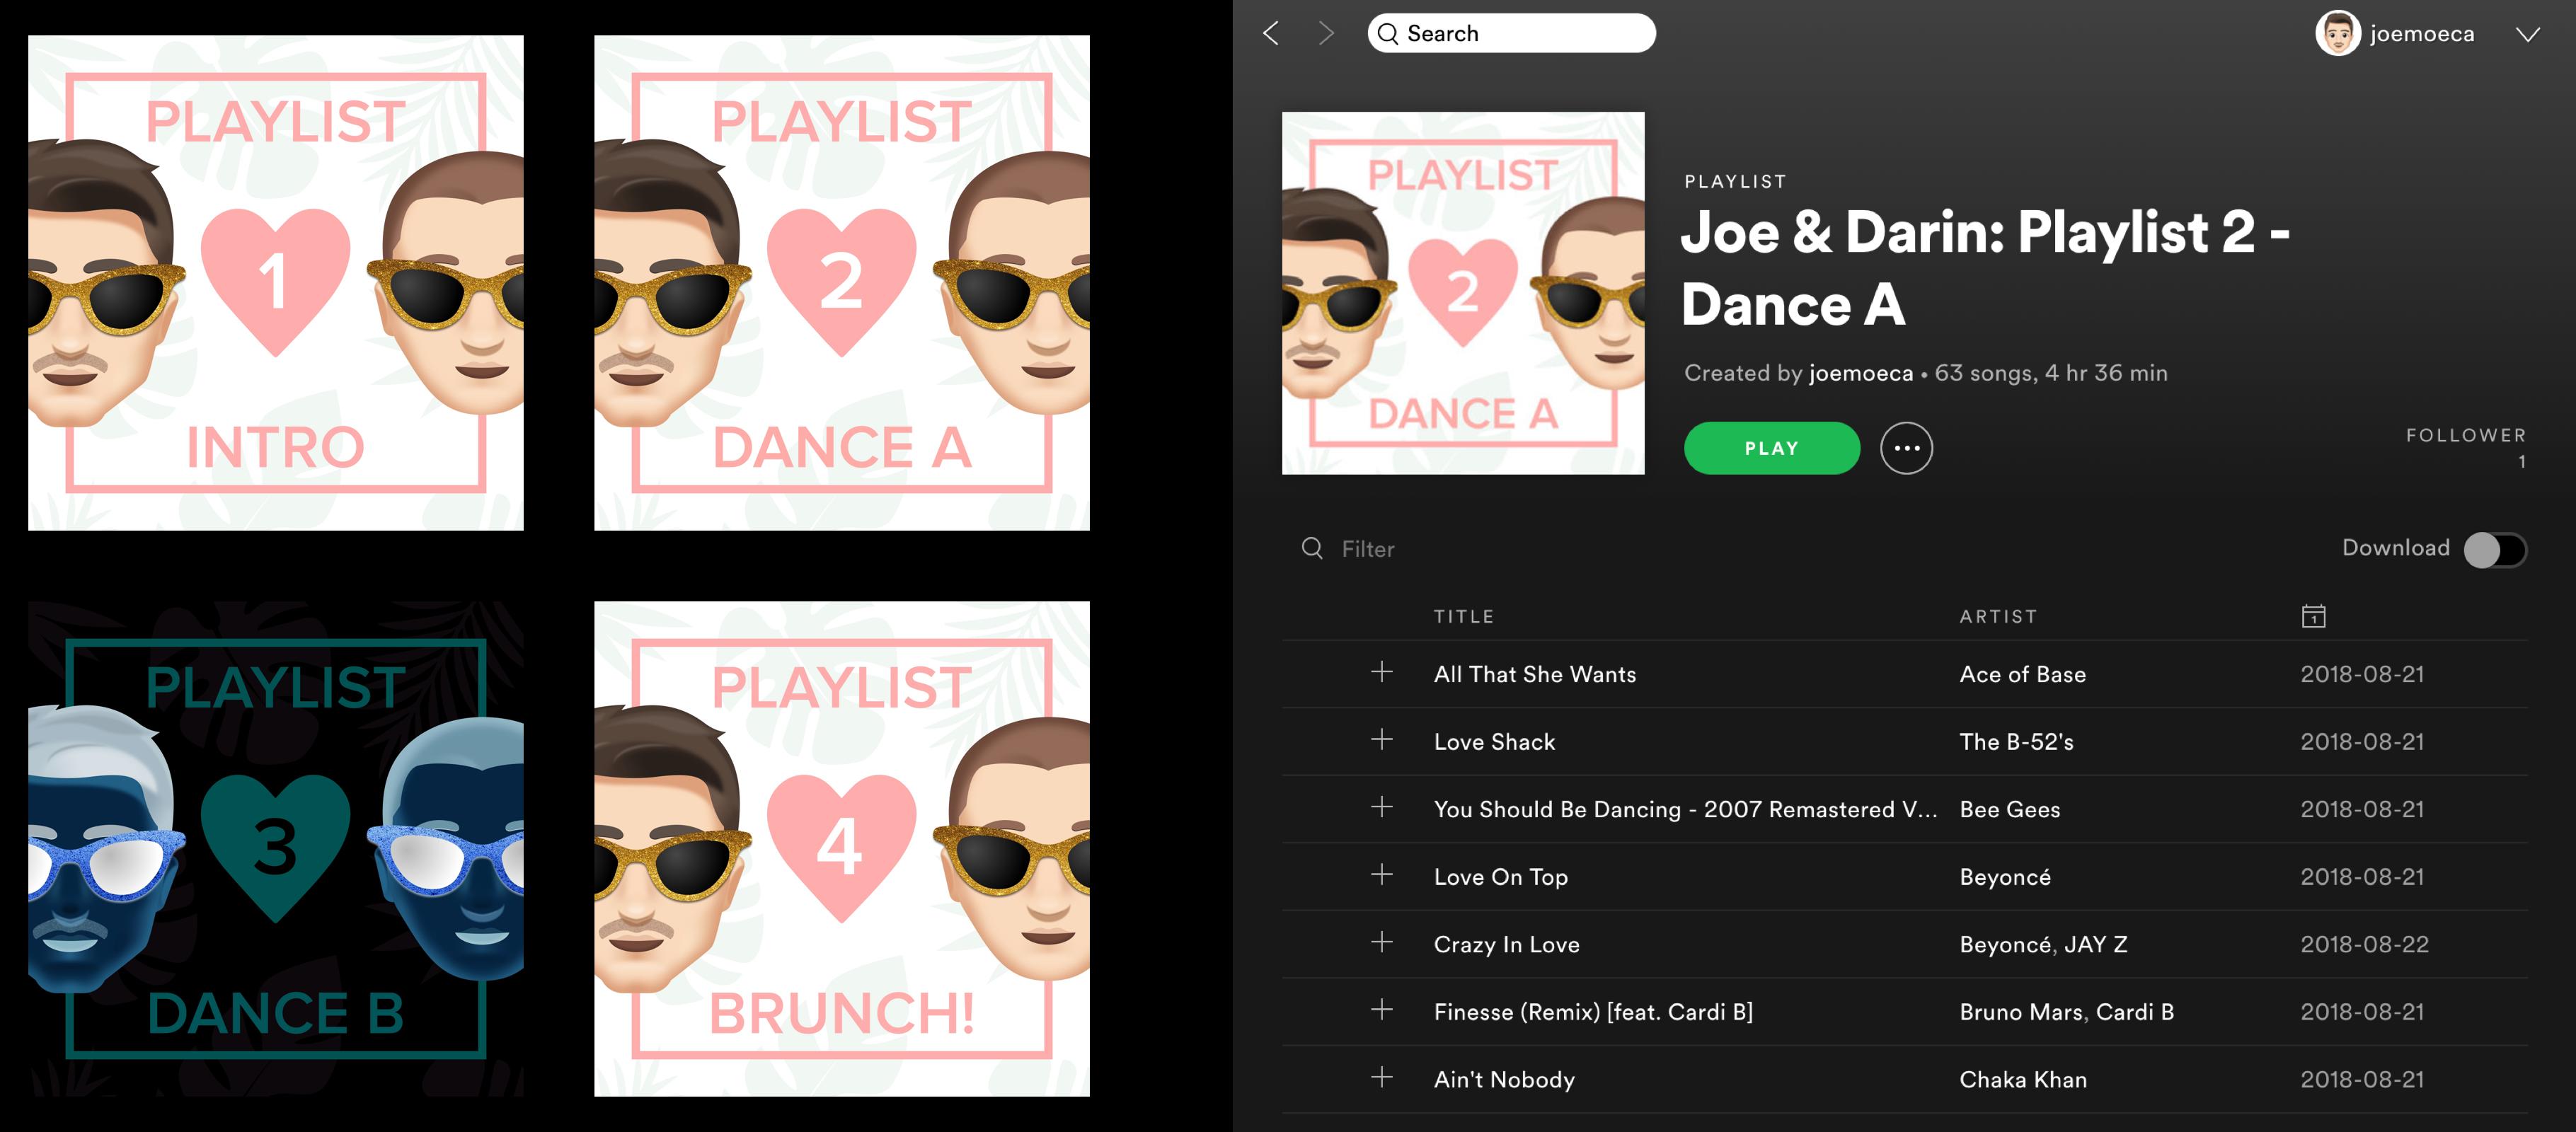 Spotify playlist artwork